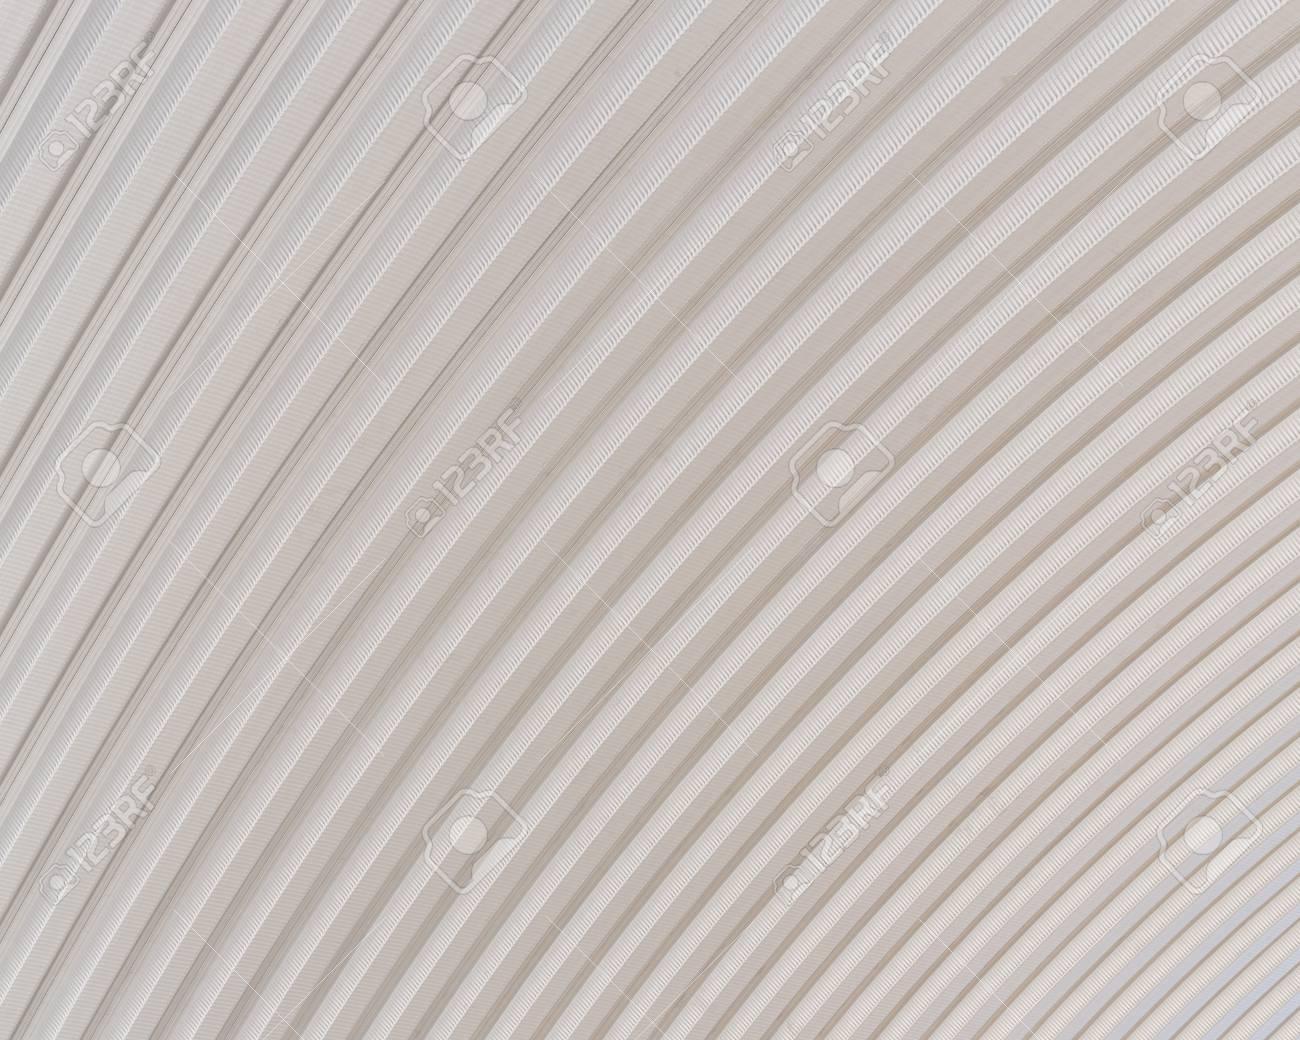 Dach textur grau  New Well Silber Dach Metall Textur Oberflächenstruktur Lizenzfreie ...